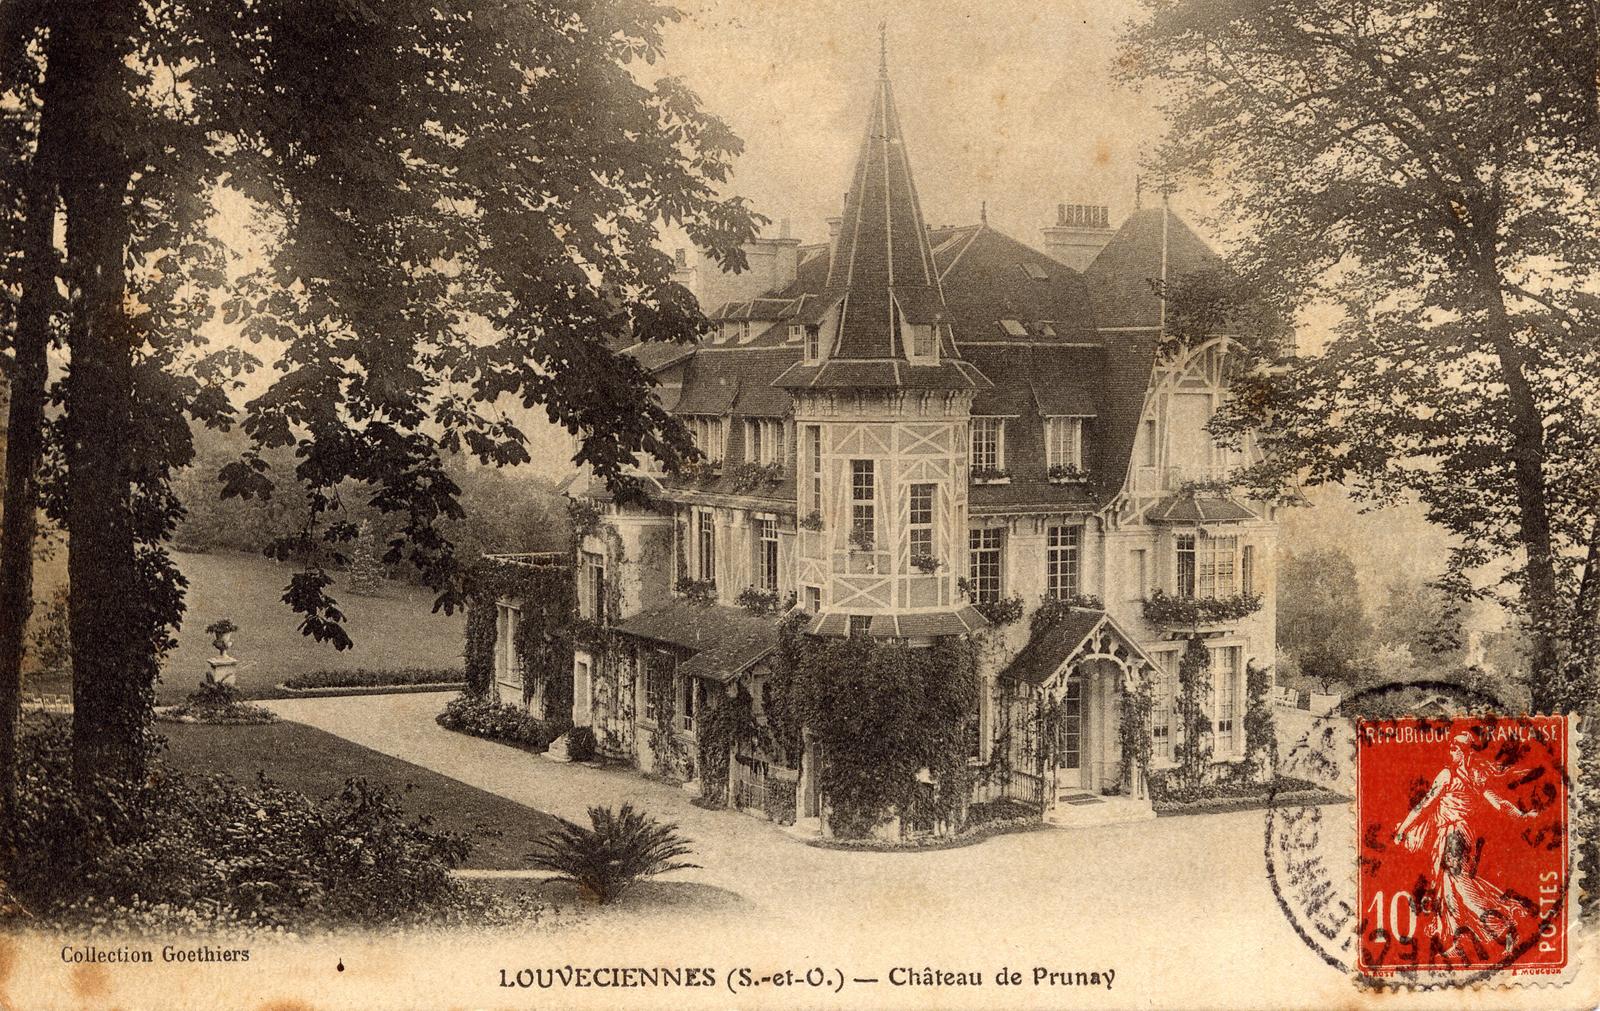 Louveciennes - CHÂTEAU DU PRUNAY : Le domaine dépend d'abord du roi, puis de la propriétaire du château des Lions au Port-Marly. Il appartient en 1775 à l'anglais Lord Seymour, qui fut un temps l'amant de Mme du Barry, sa voisine de Louveciennes.     Un plan de J.B Parents datant de 1739 indique qu'à cette époque le château comprend une orangerie, un nymphée et des pièces d'eau. Il possède également tout un complexe agricole organisé autour d'une ferme et de son colombier. Le château est ensuite détruit, à la fin du XIXème siècle, et il est remplacé par une grande demeure à l'architecture élaborée.